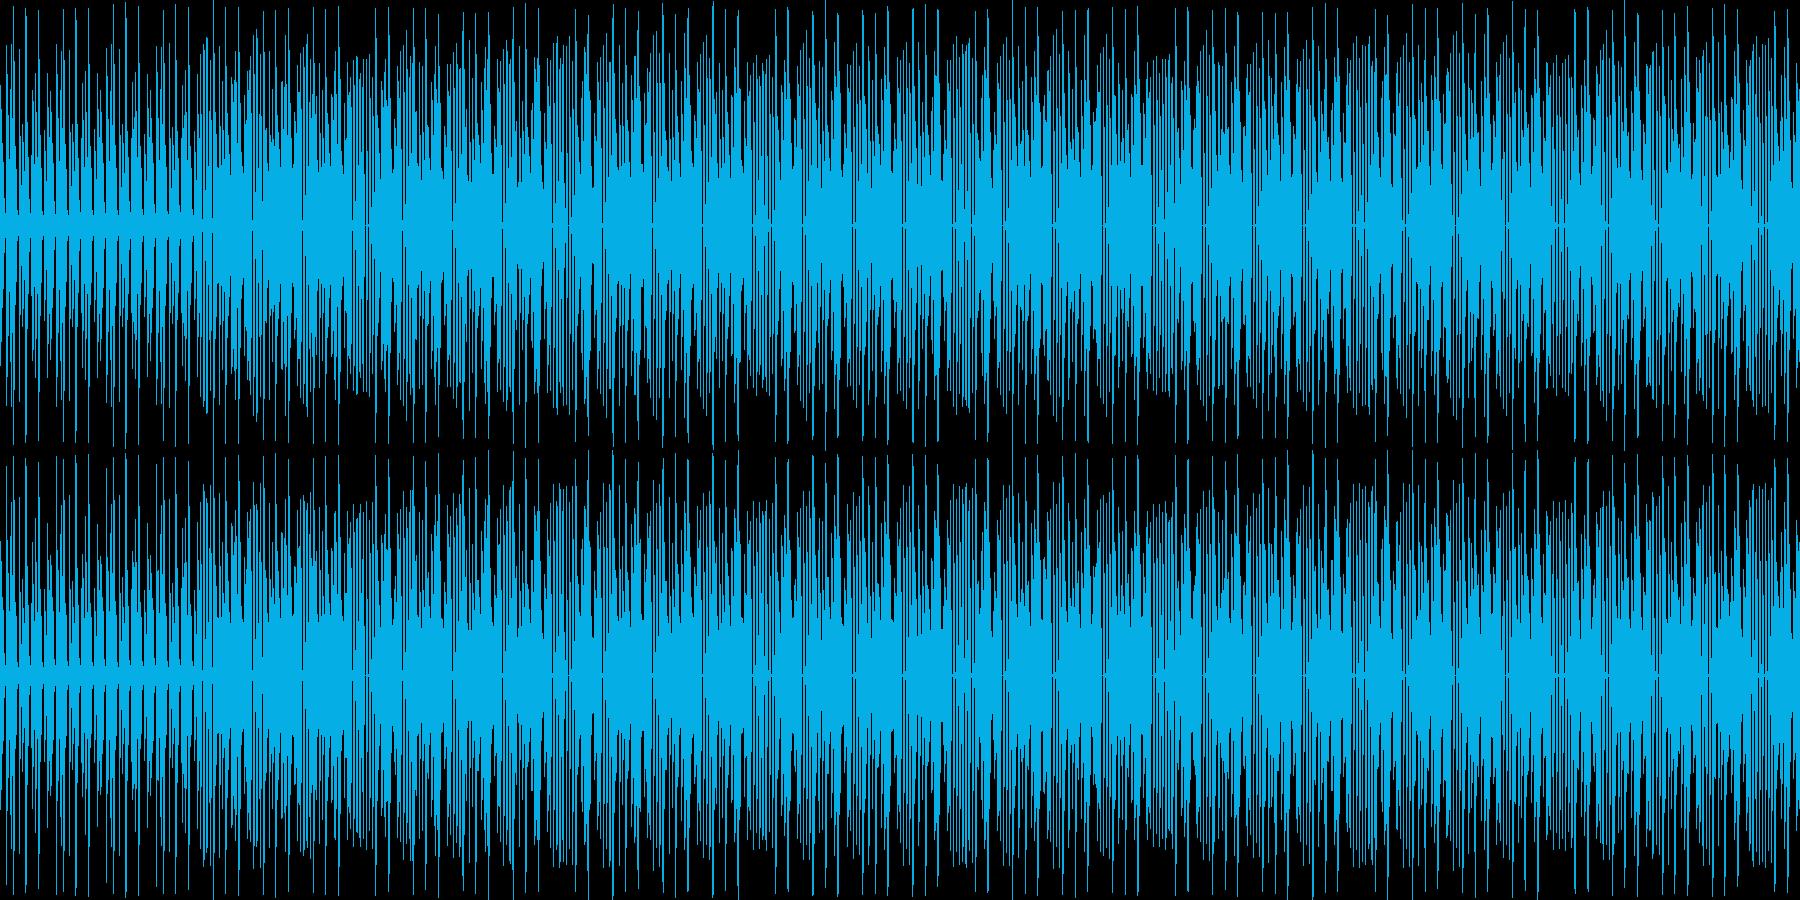 【可愛いテクノポップ/パズル/キラキラ】の再生済みの波形